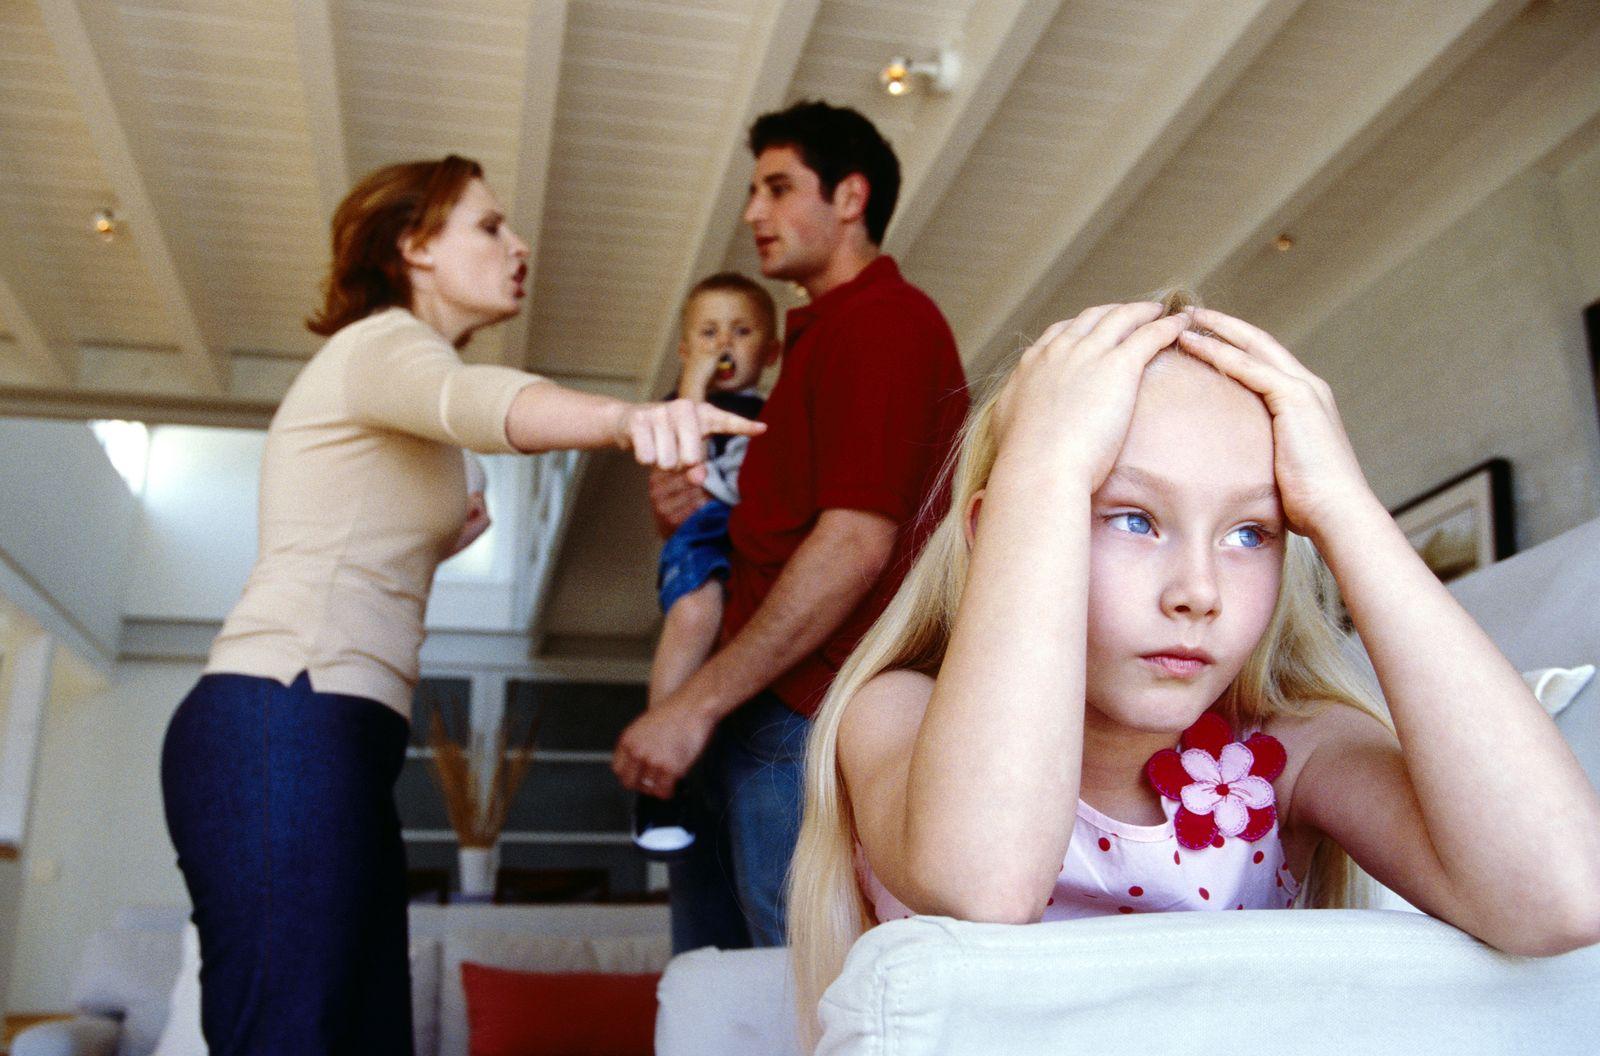 NICHT MEHR VERWENDEN! - SYMBOLBILD Streitende Eltern / Kind